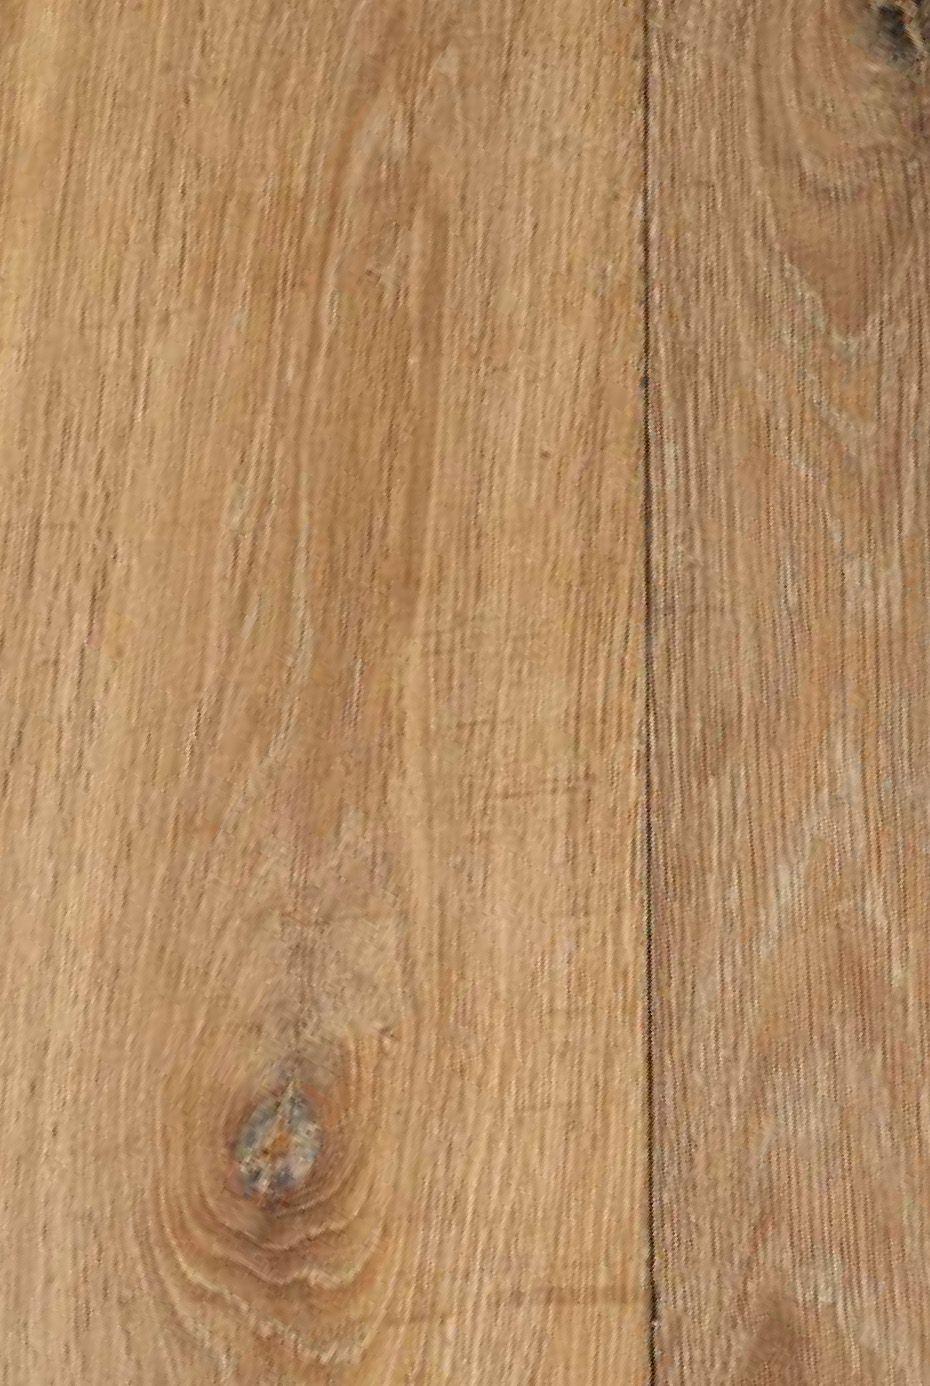 Harvest European White Oak Flooring Mountain Lumber European White Oak Floors Oak Floors White Oak Floors